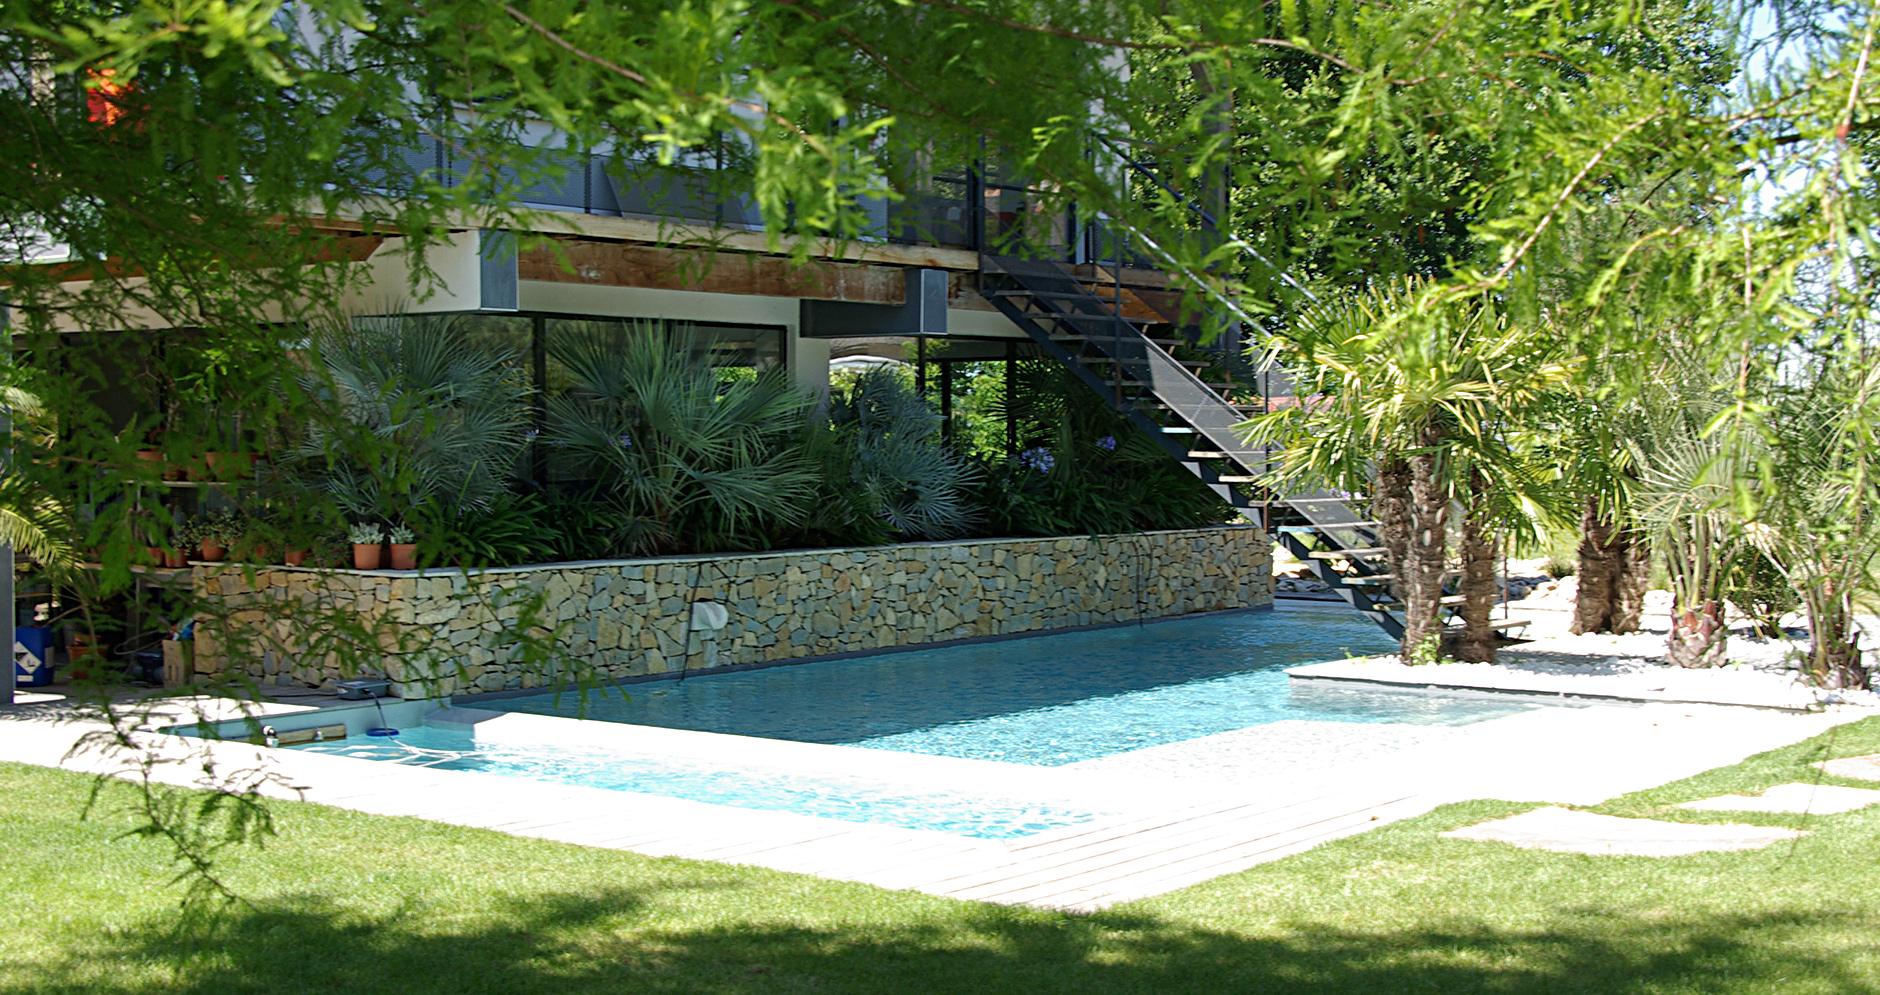 Concept jardin cr ateur de piscines concept jardin - Conceptie jardin ...